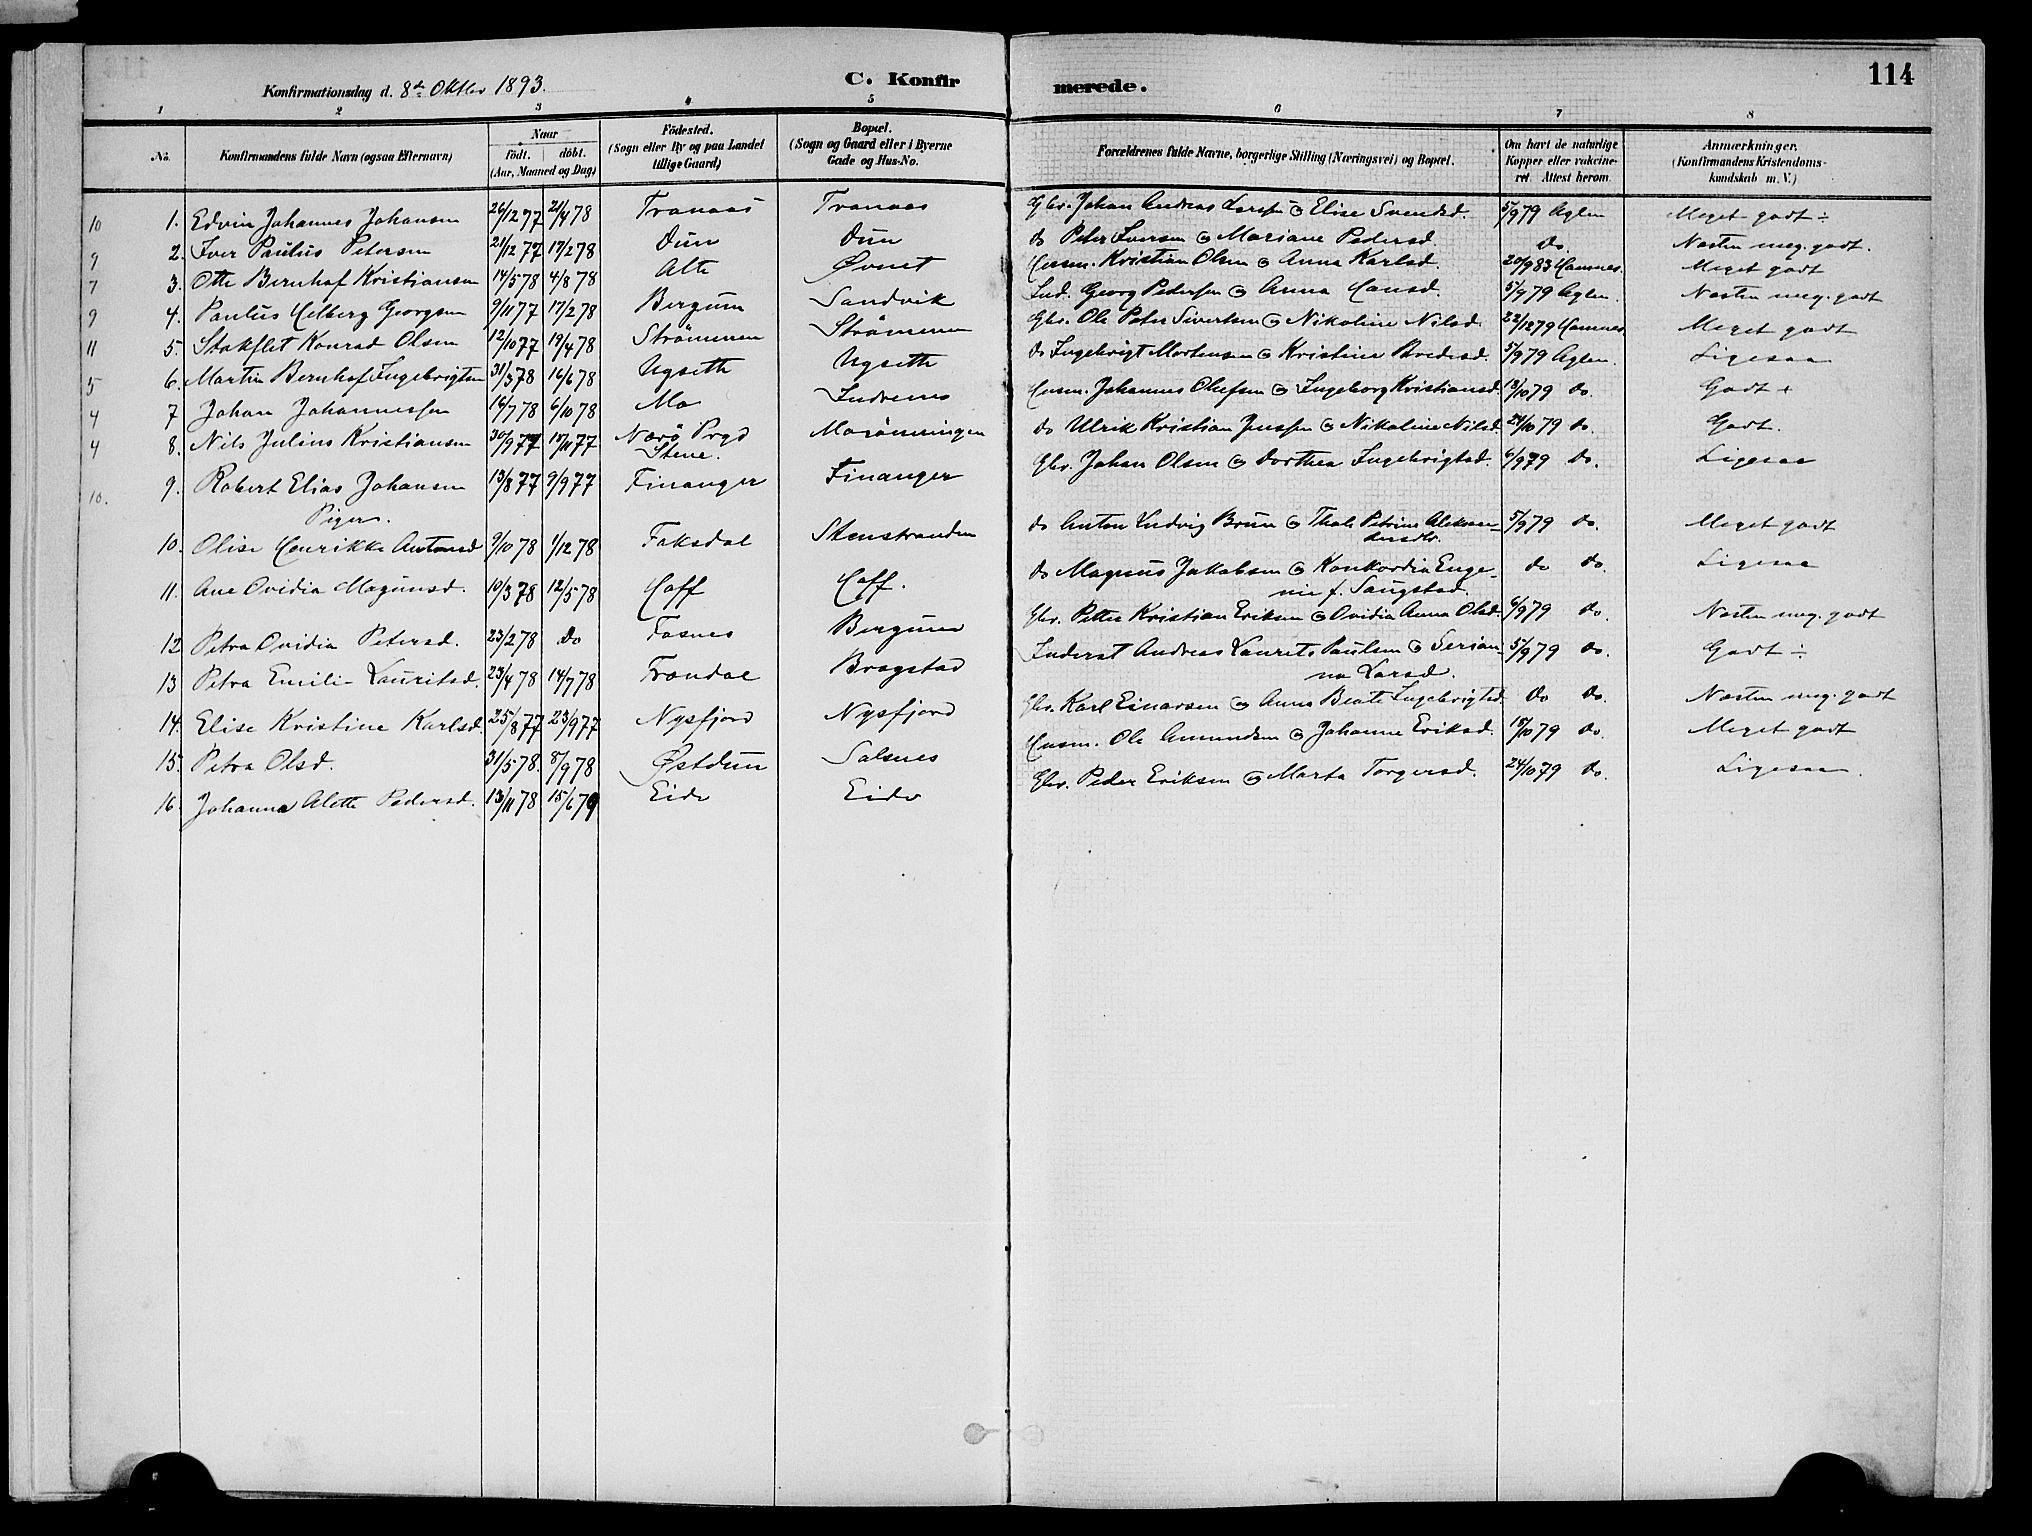 SAT, Ministerialprotokoller, klokkerbøker og fødselsregistre - Nord-Trøndelag, 773/L0617: Ministerialbok nr. 773A08, 1887-1910, s. 114